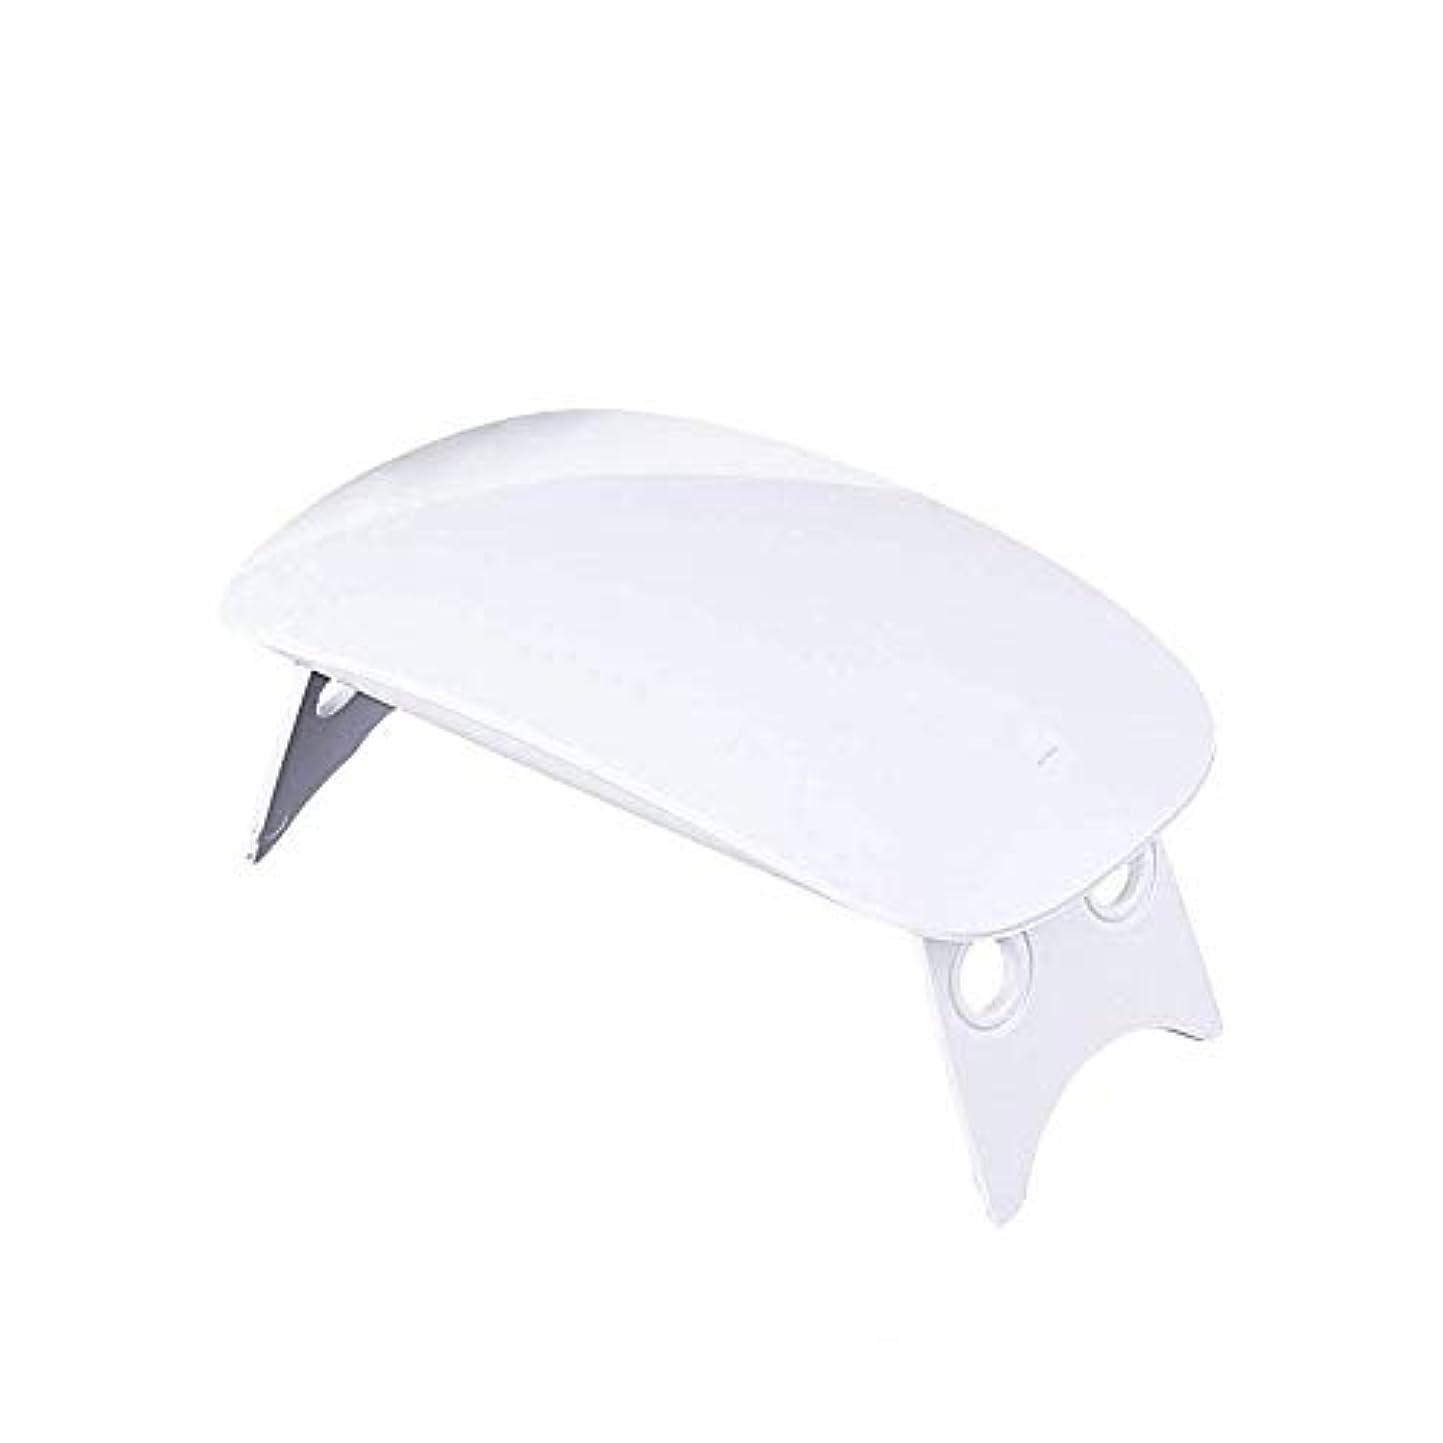 タイピスト教師の日一月LEDネイルドライヤー UVライト 折りたたみ式手足とも使える LED 硬化ライト UV と LEDダブルライト ジェルネイル用 (ホワイト)